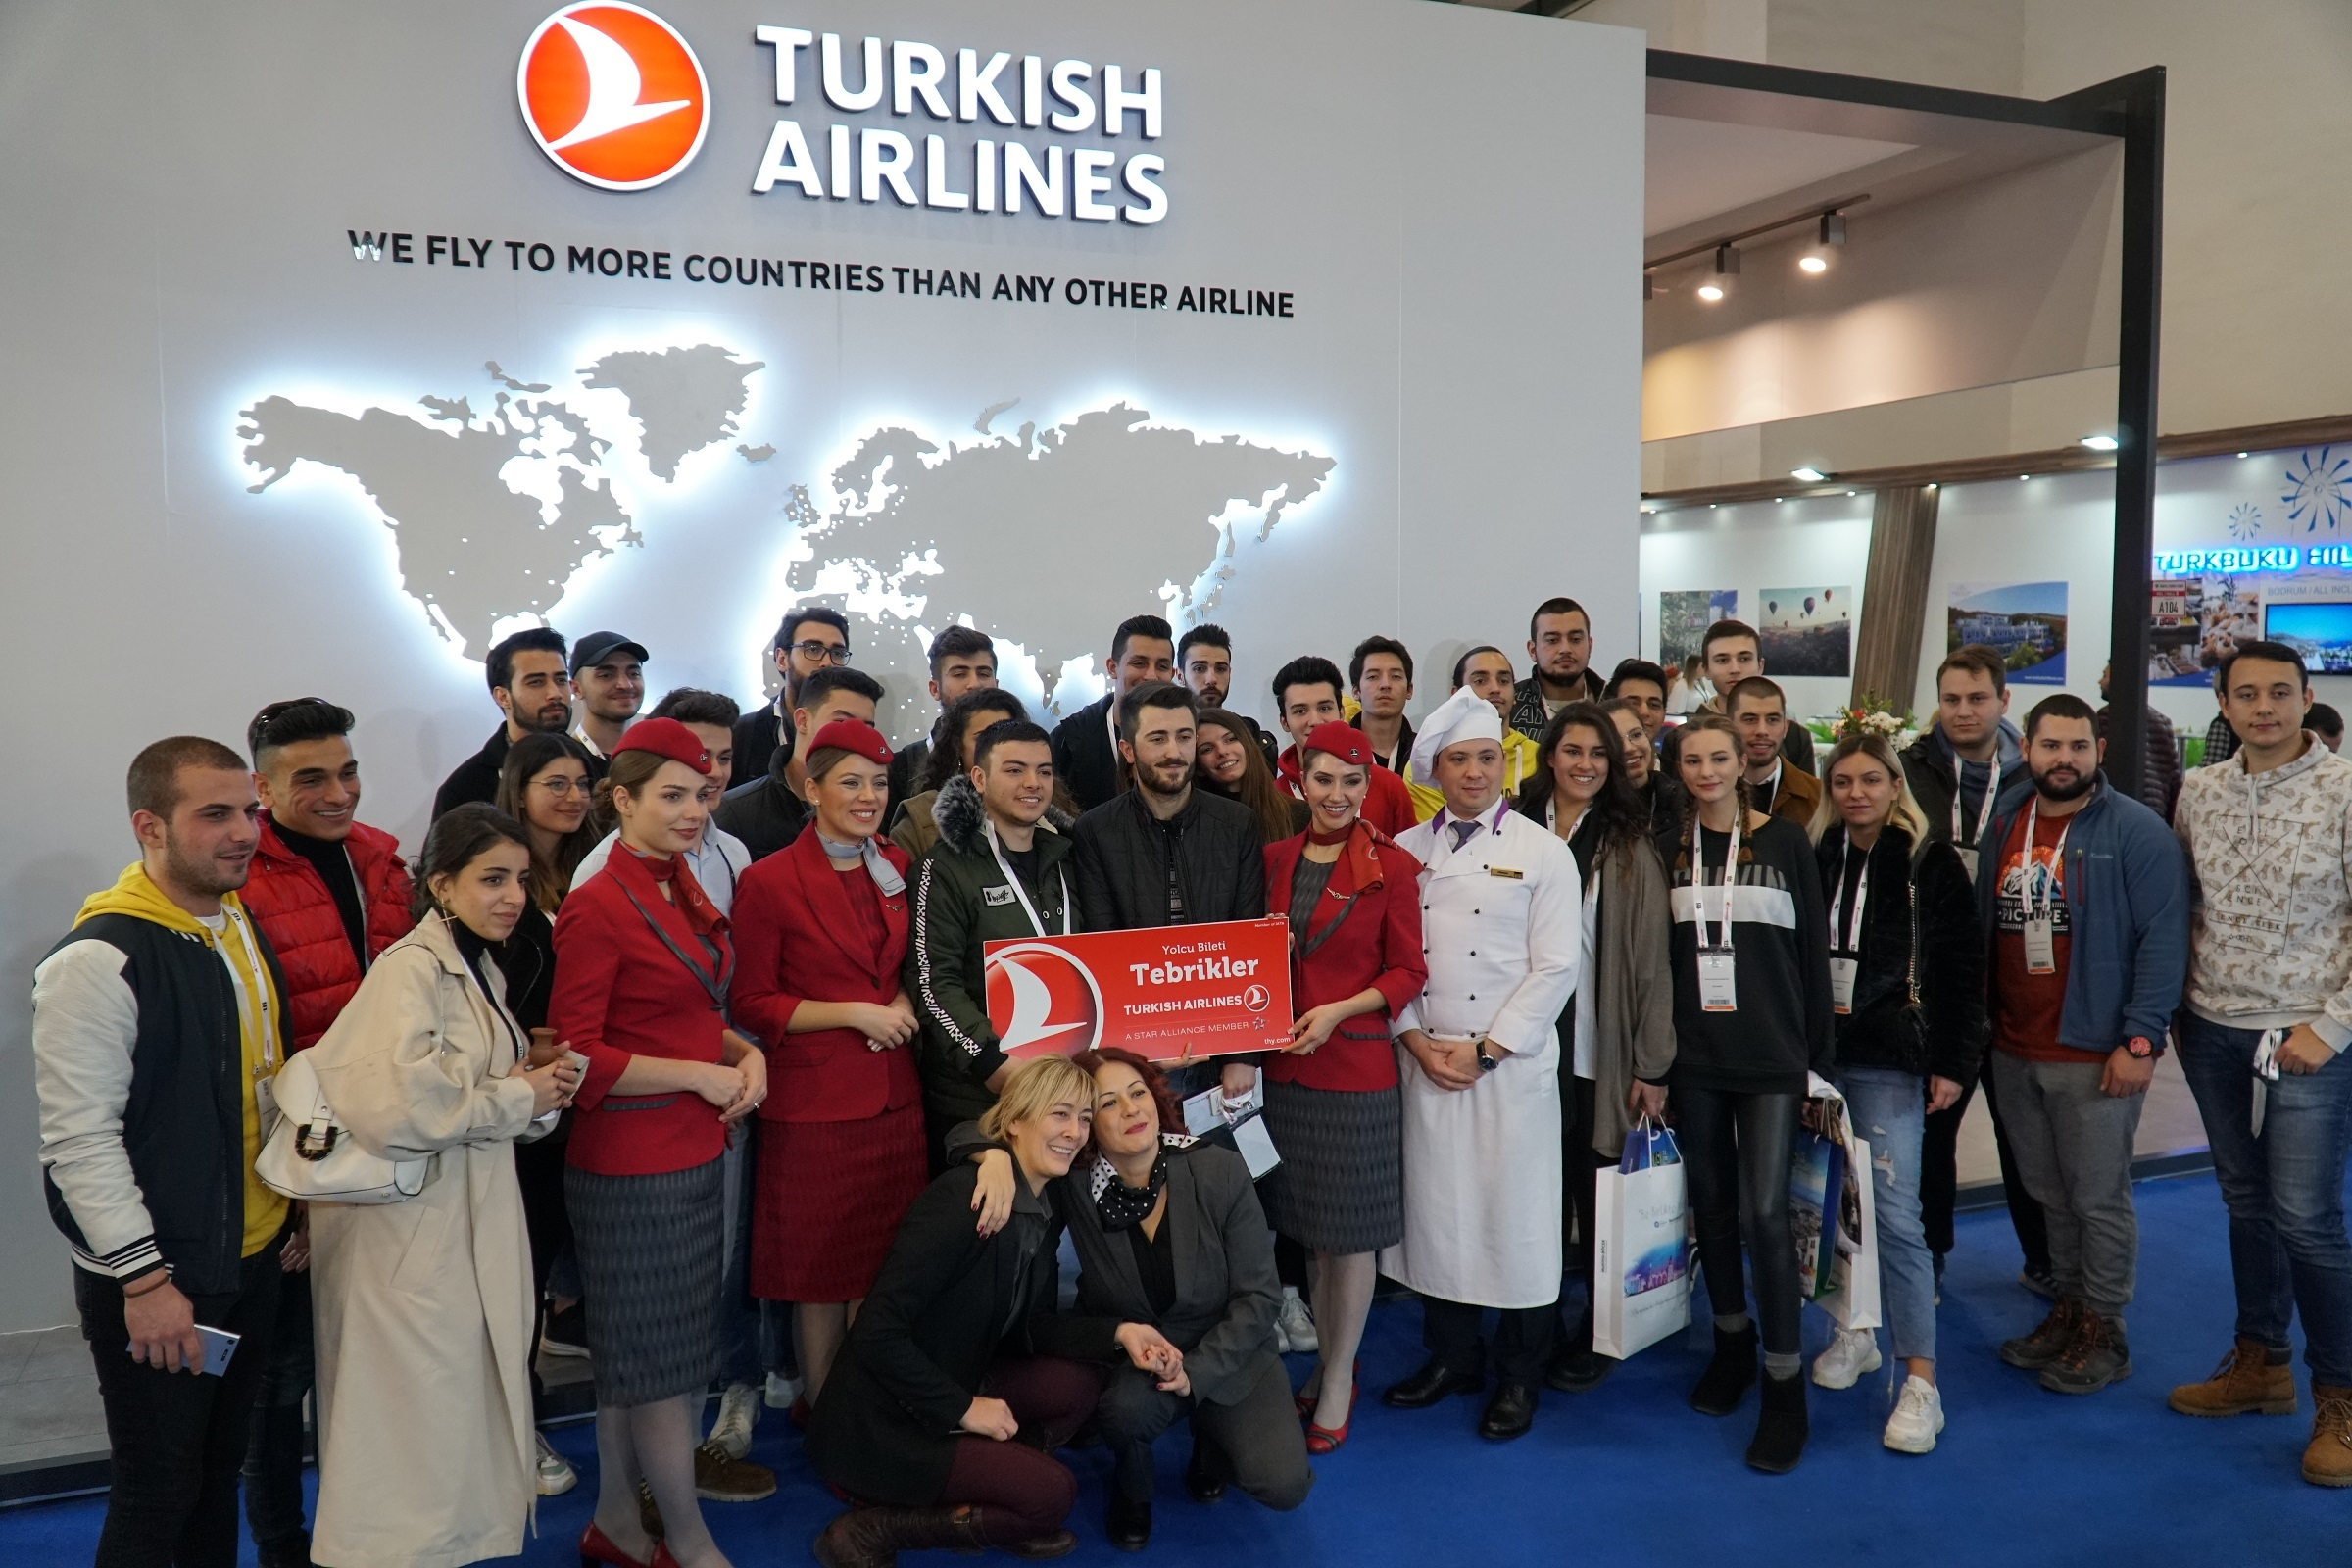 Sivil Hava Ulaştırma İşletmeciliği Öğrencilerimiz Travel Turkey 2019 Fuarında...